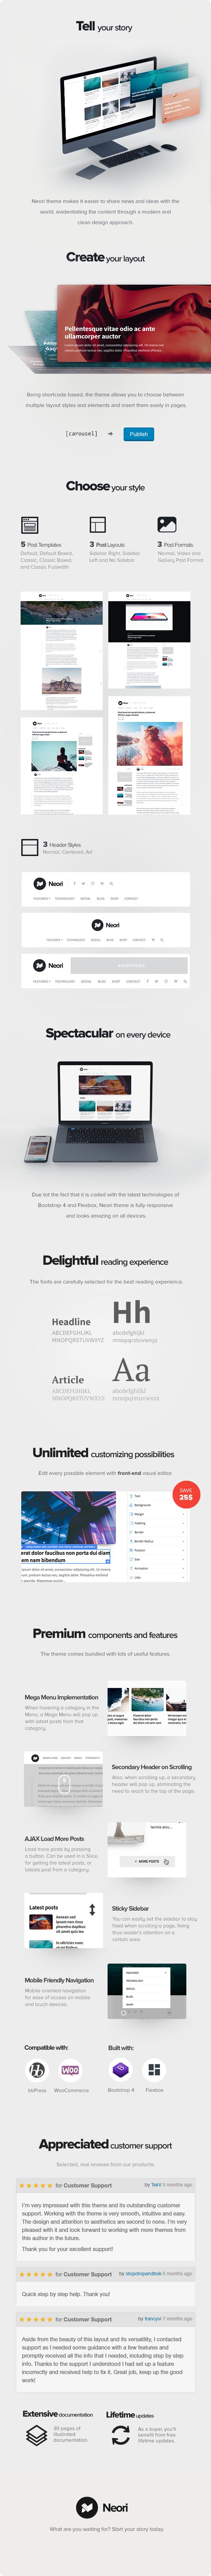 Neori - News and Magazine WordPress Theme - 4